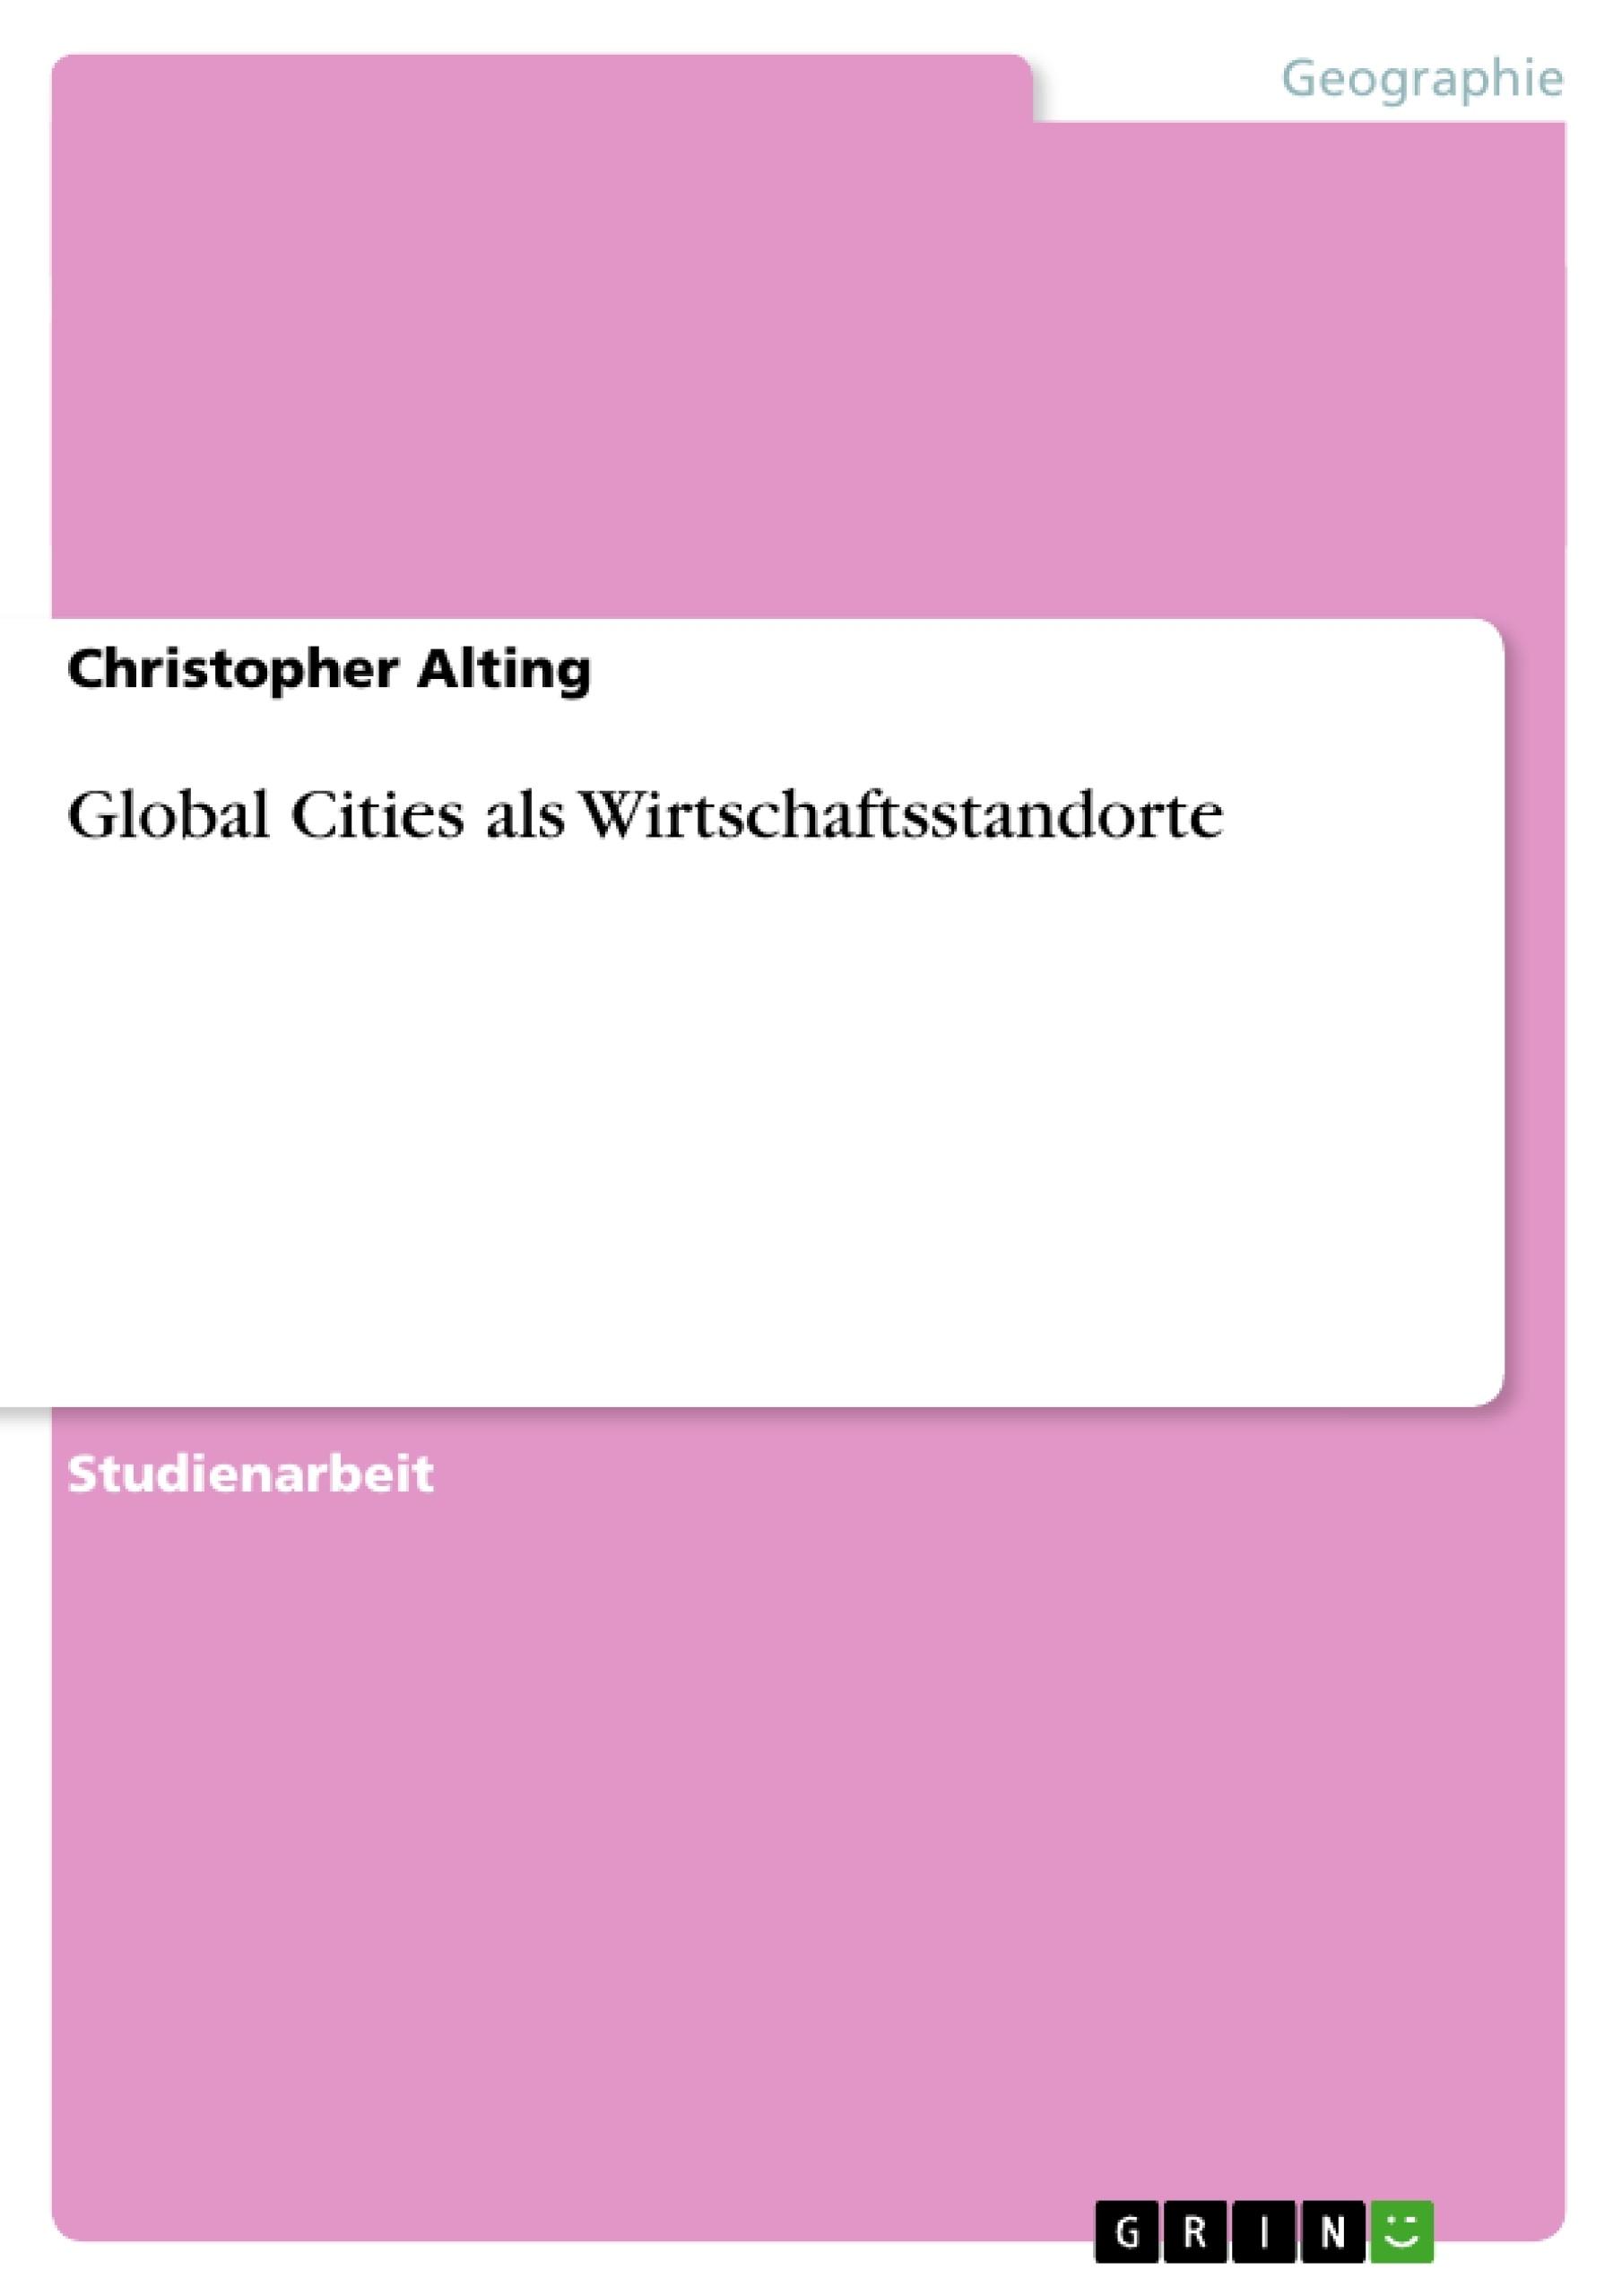 Titel: Global Cities als Wirtschaftsstandorte